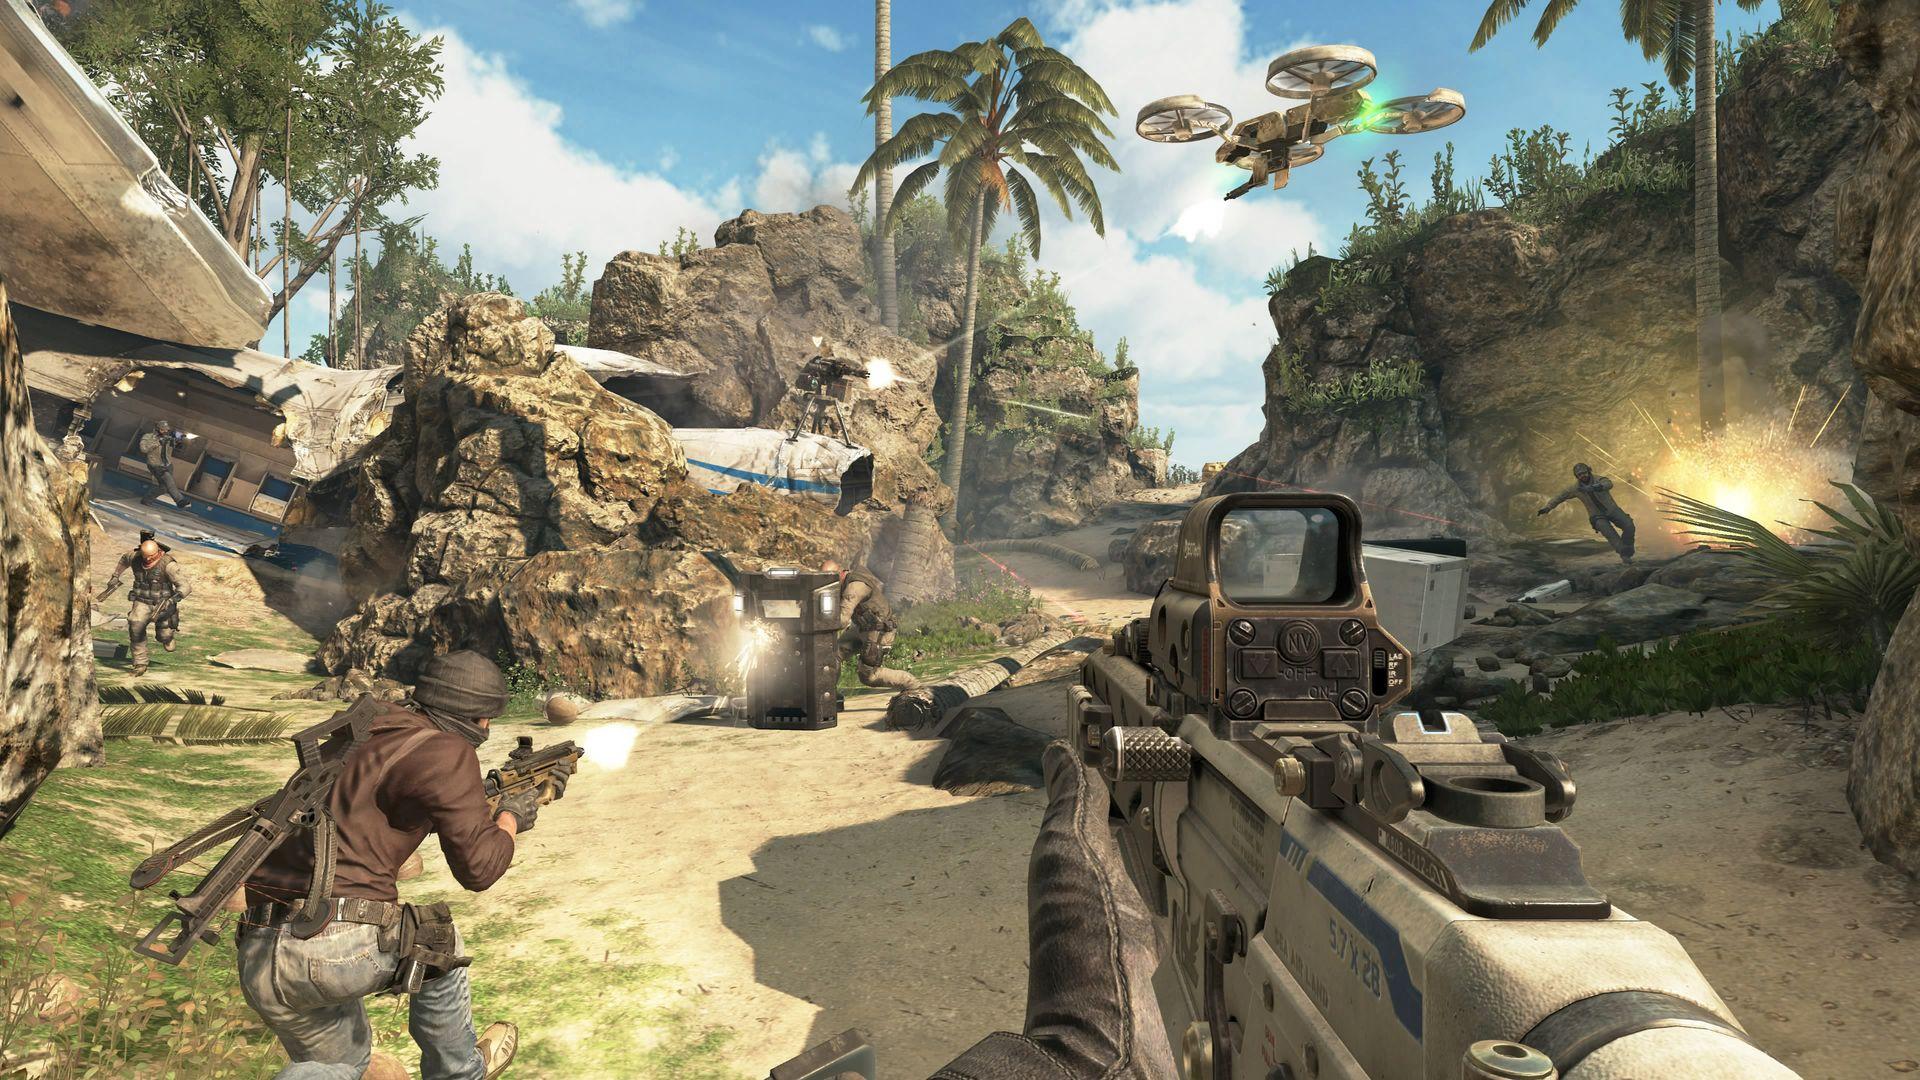 Buy Cheap Call of Duty: Black Ops II CD Keys Online ...